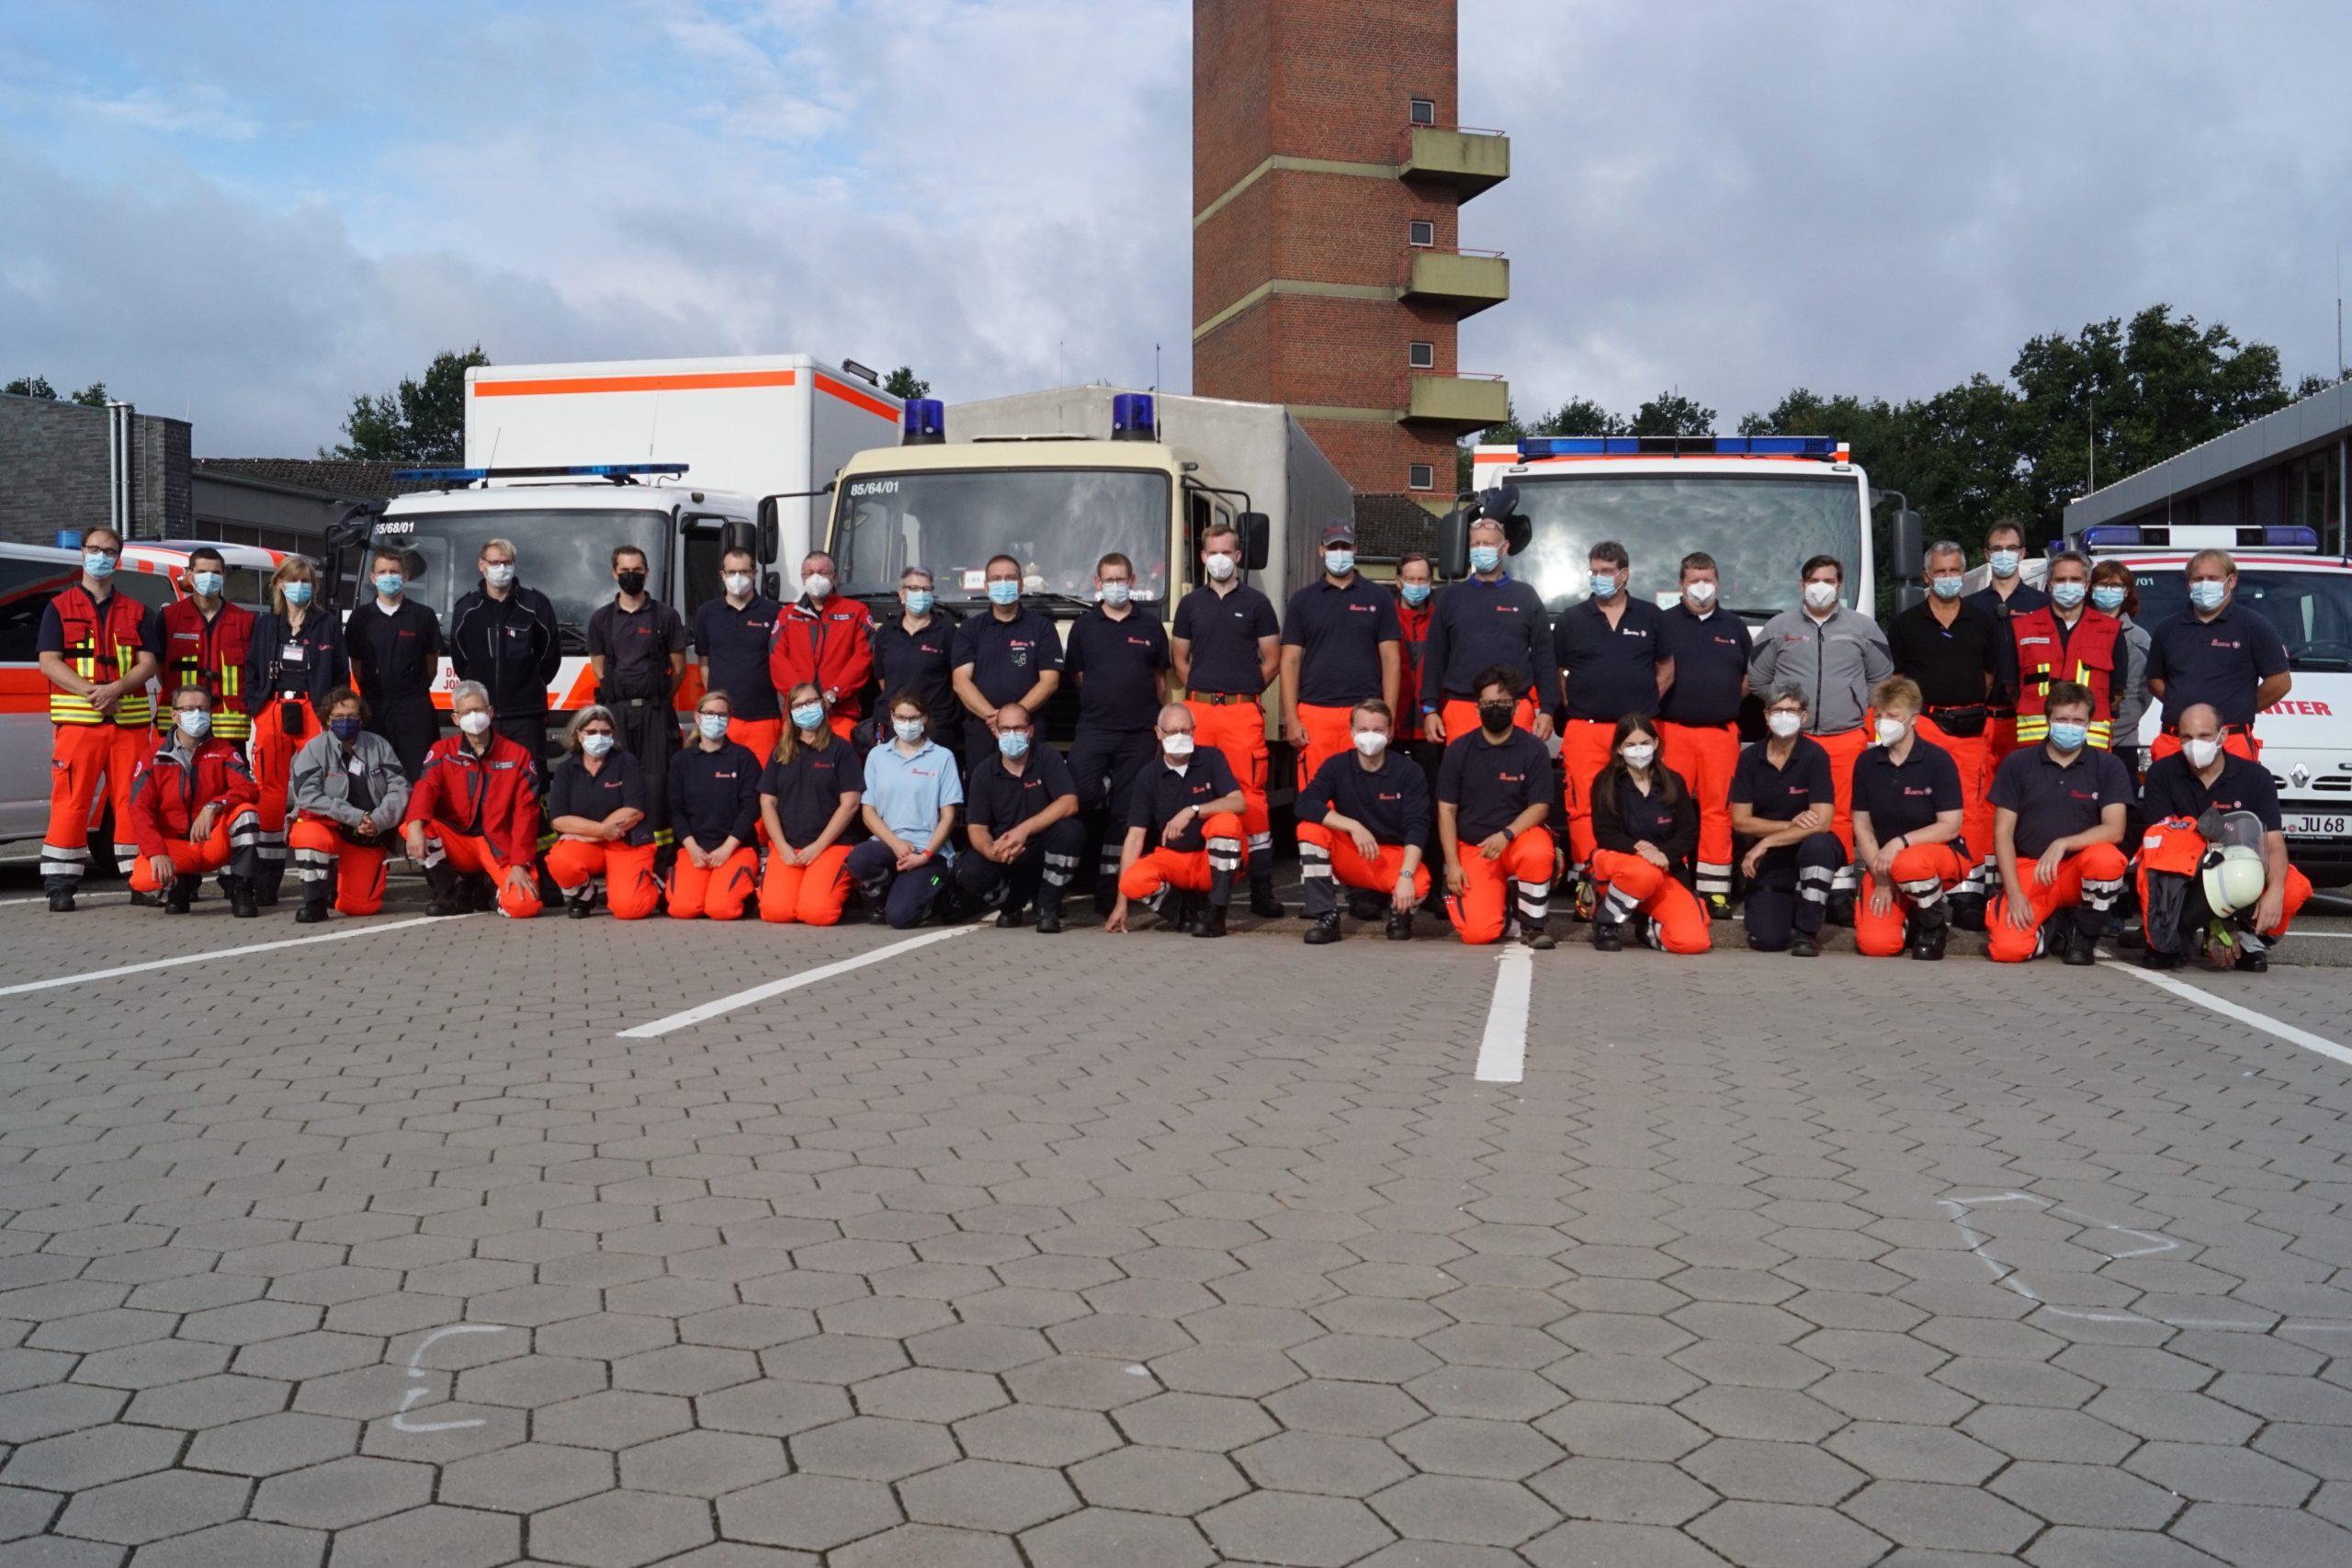 Foto: Johanniter -46 ehrenamtliche Johanniter waren im Flutgebiet in Bad Neuenahr-Ahrweiler unterstützend tätig